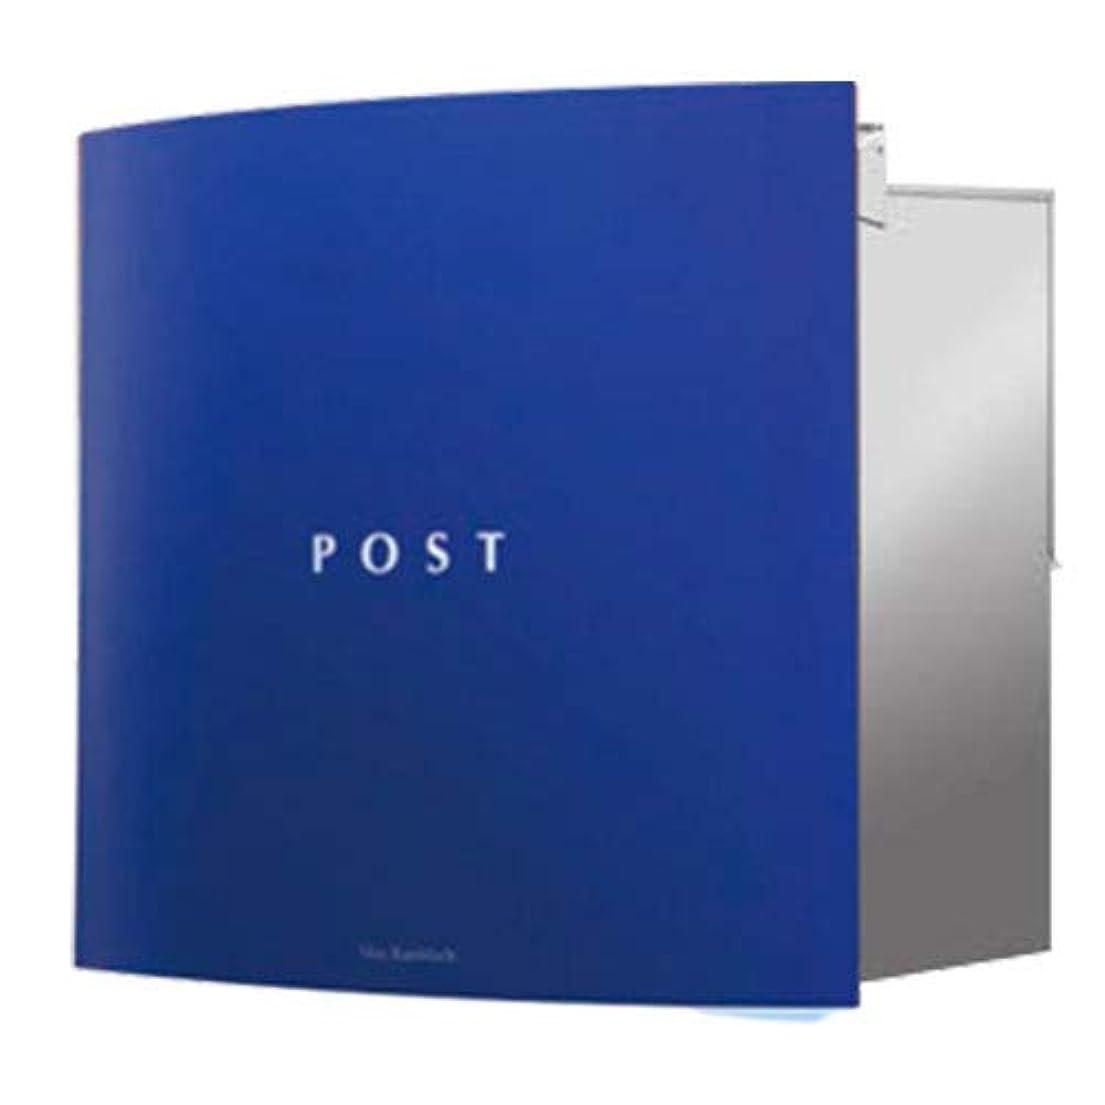 野な成人期でマックスノブロック ボン ブルー AAE24D 郵便ポスト 壁埋め込み式ポスト